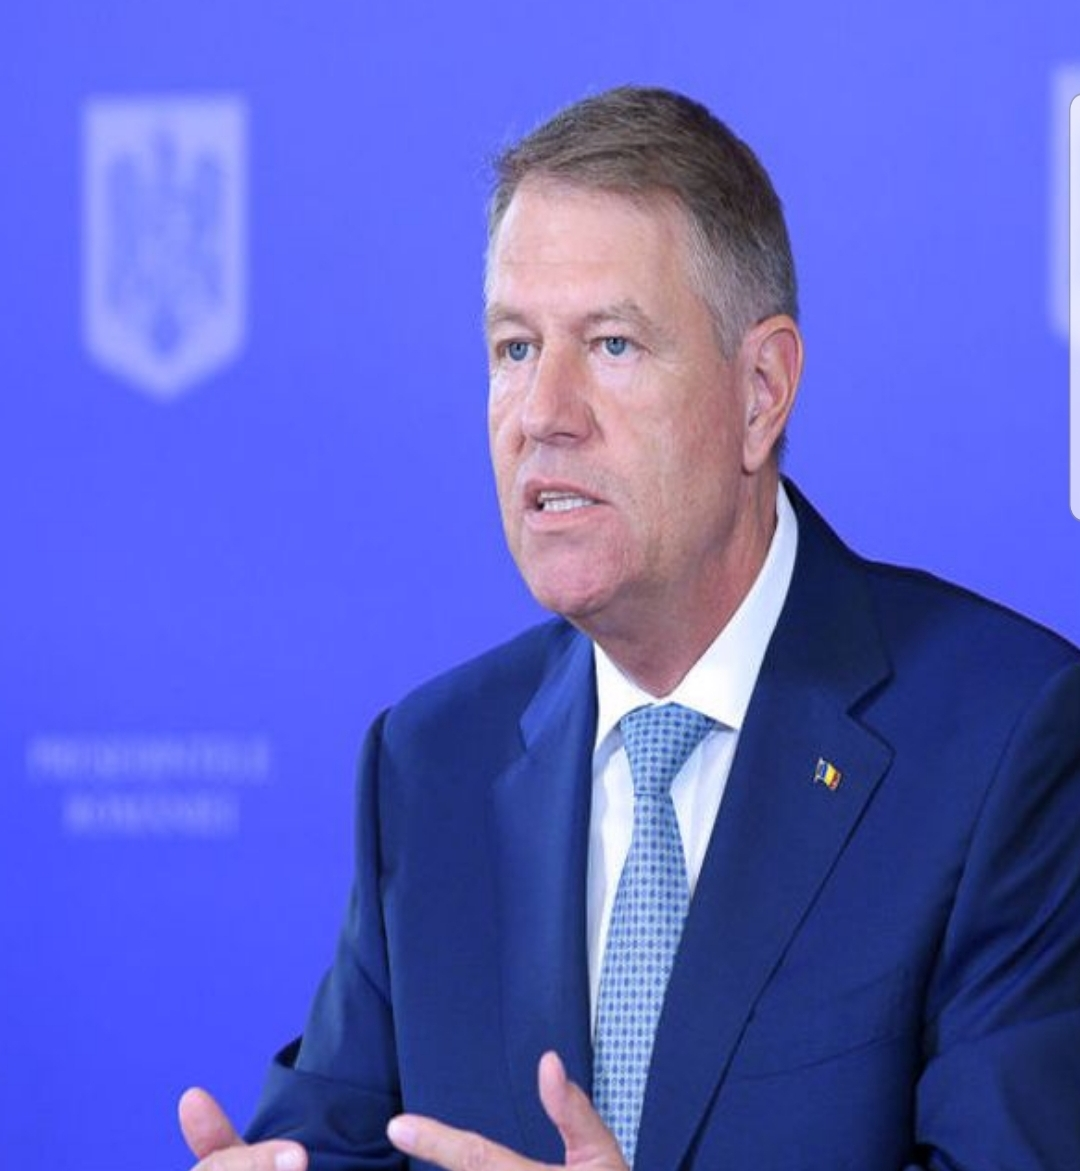 """Iohannis, mesaj important pentru români: """"Virusul nu dispare prin violență și manifestări extremiste."""